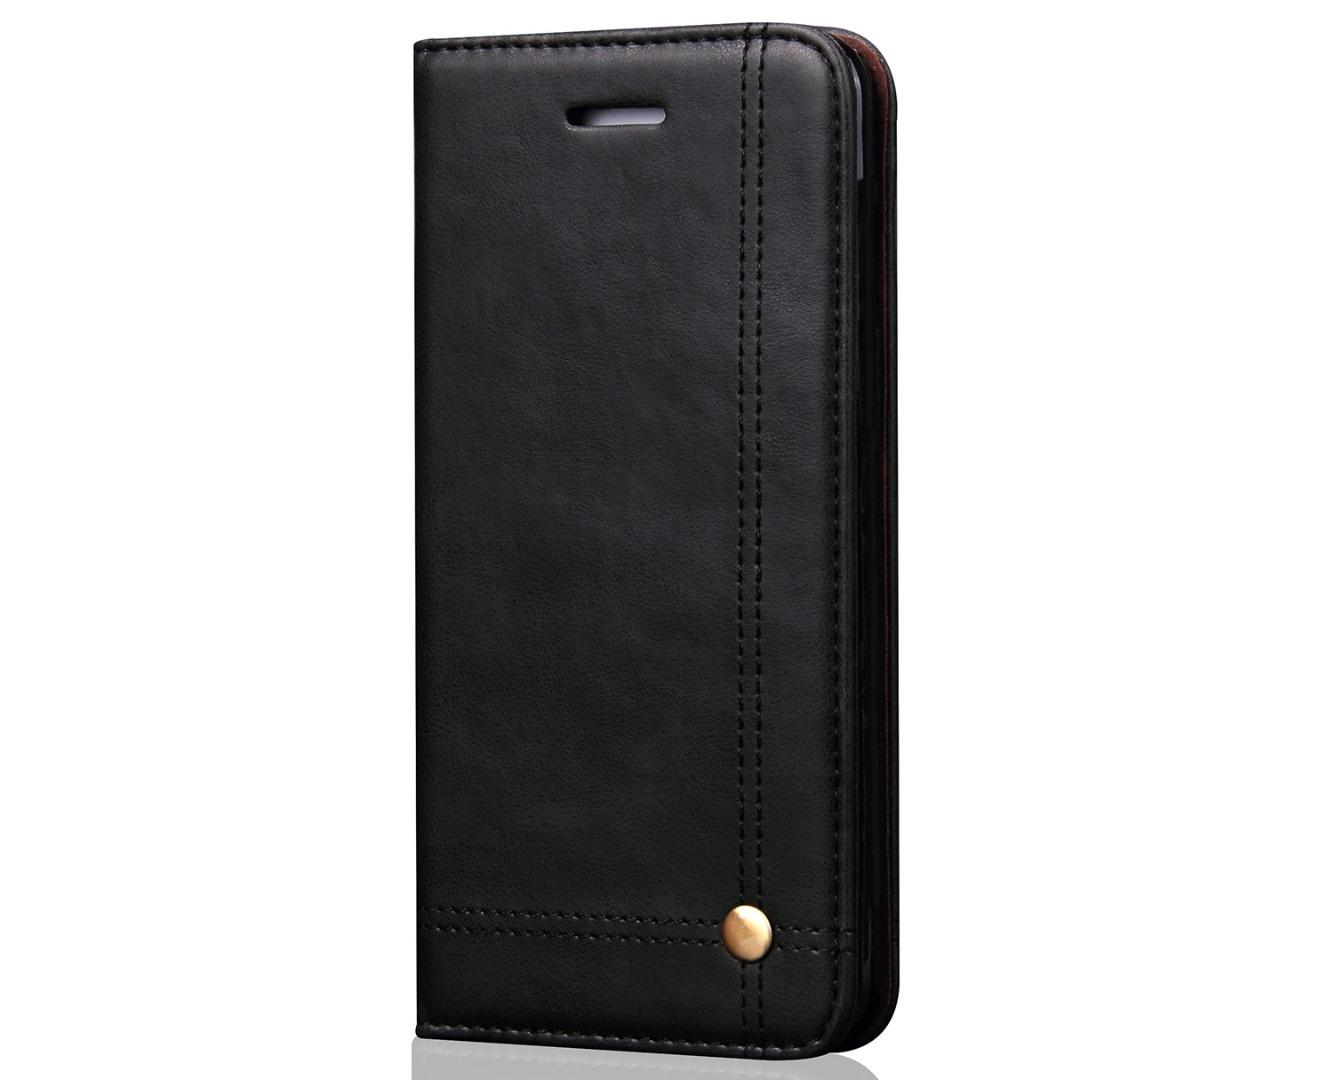 Husa piele, tip portofel, cusaturi ornamentale, stand, inchidere magnetica, iPhone SE (1st gen. 2016), iPhone 5 / 5S - CaseMe, Negru